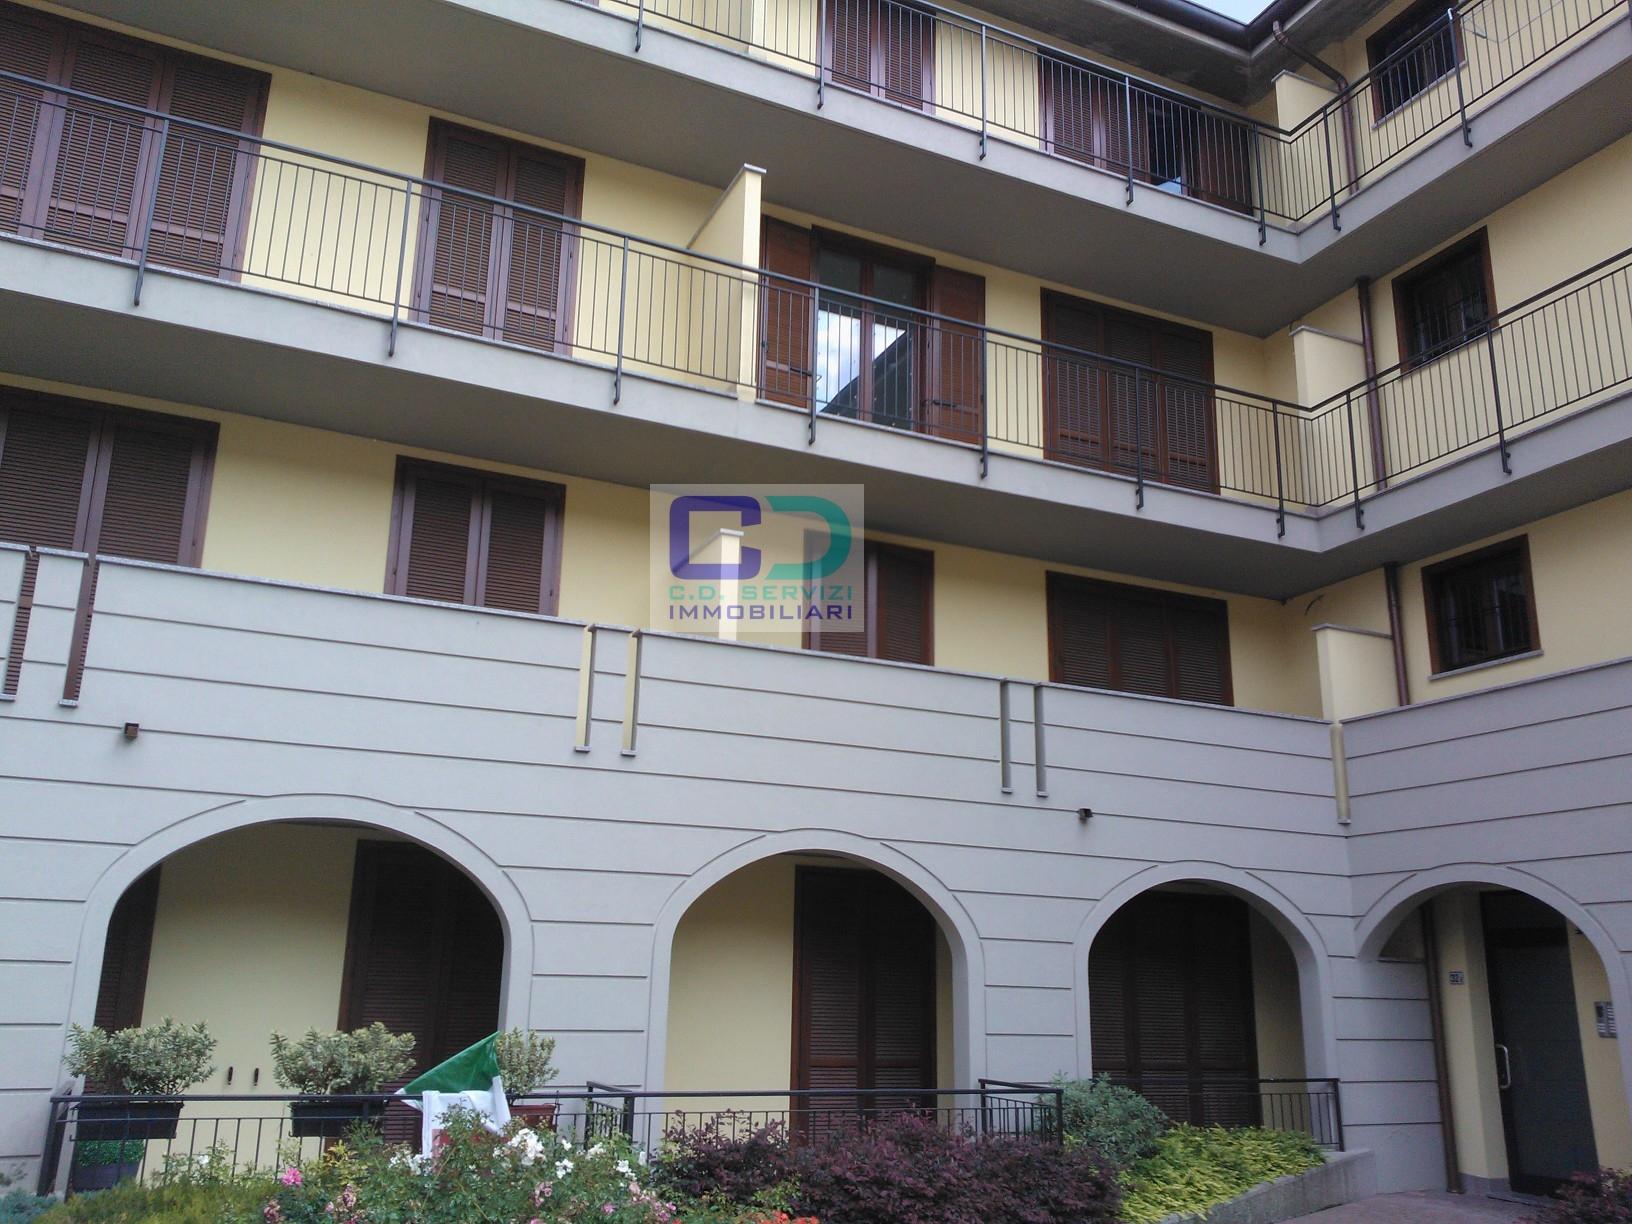 Appartamento in affitto a Cassano d'Adda, 3 locali, prezzo € 900 | CambioCasa.it